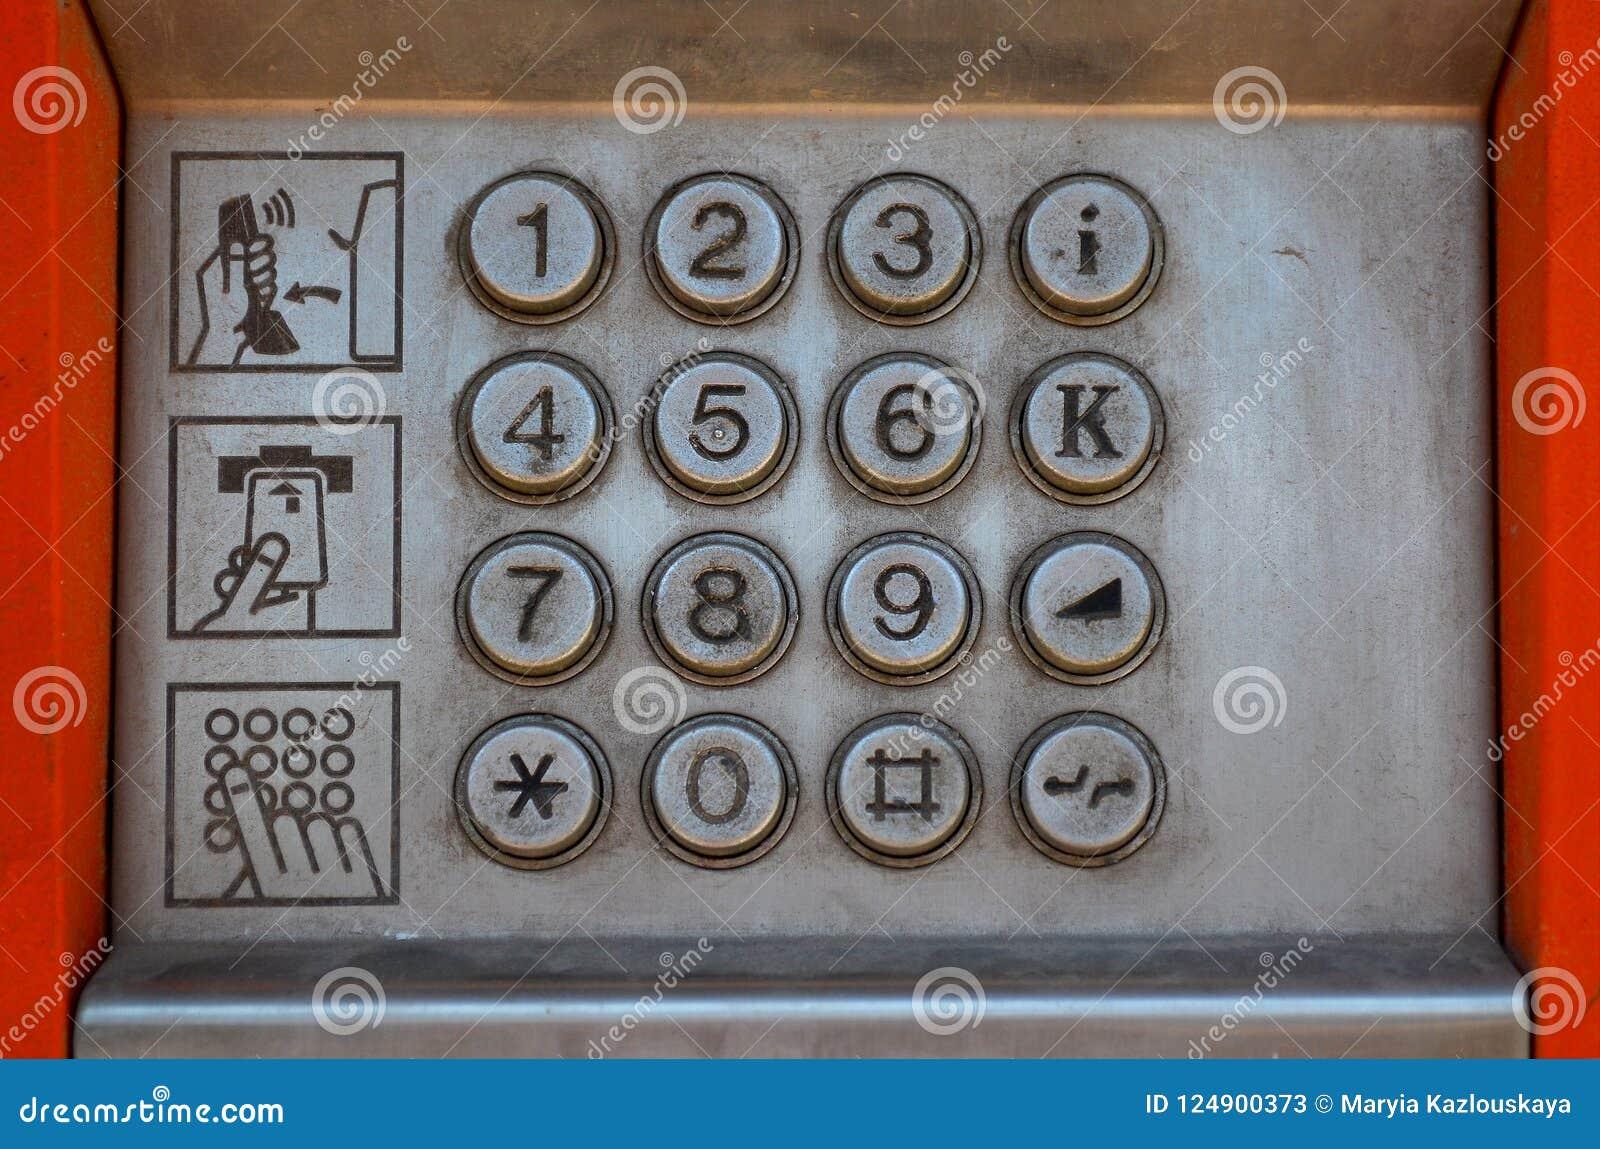 Metal панель таксофона улицы с кнопками и 3 пиктограммами с инструкциями для пользы